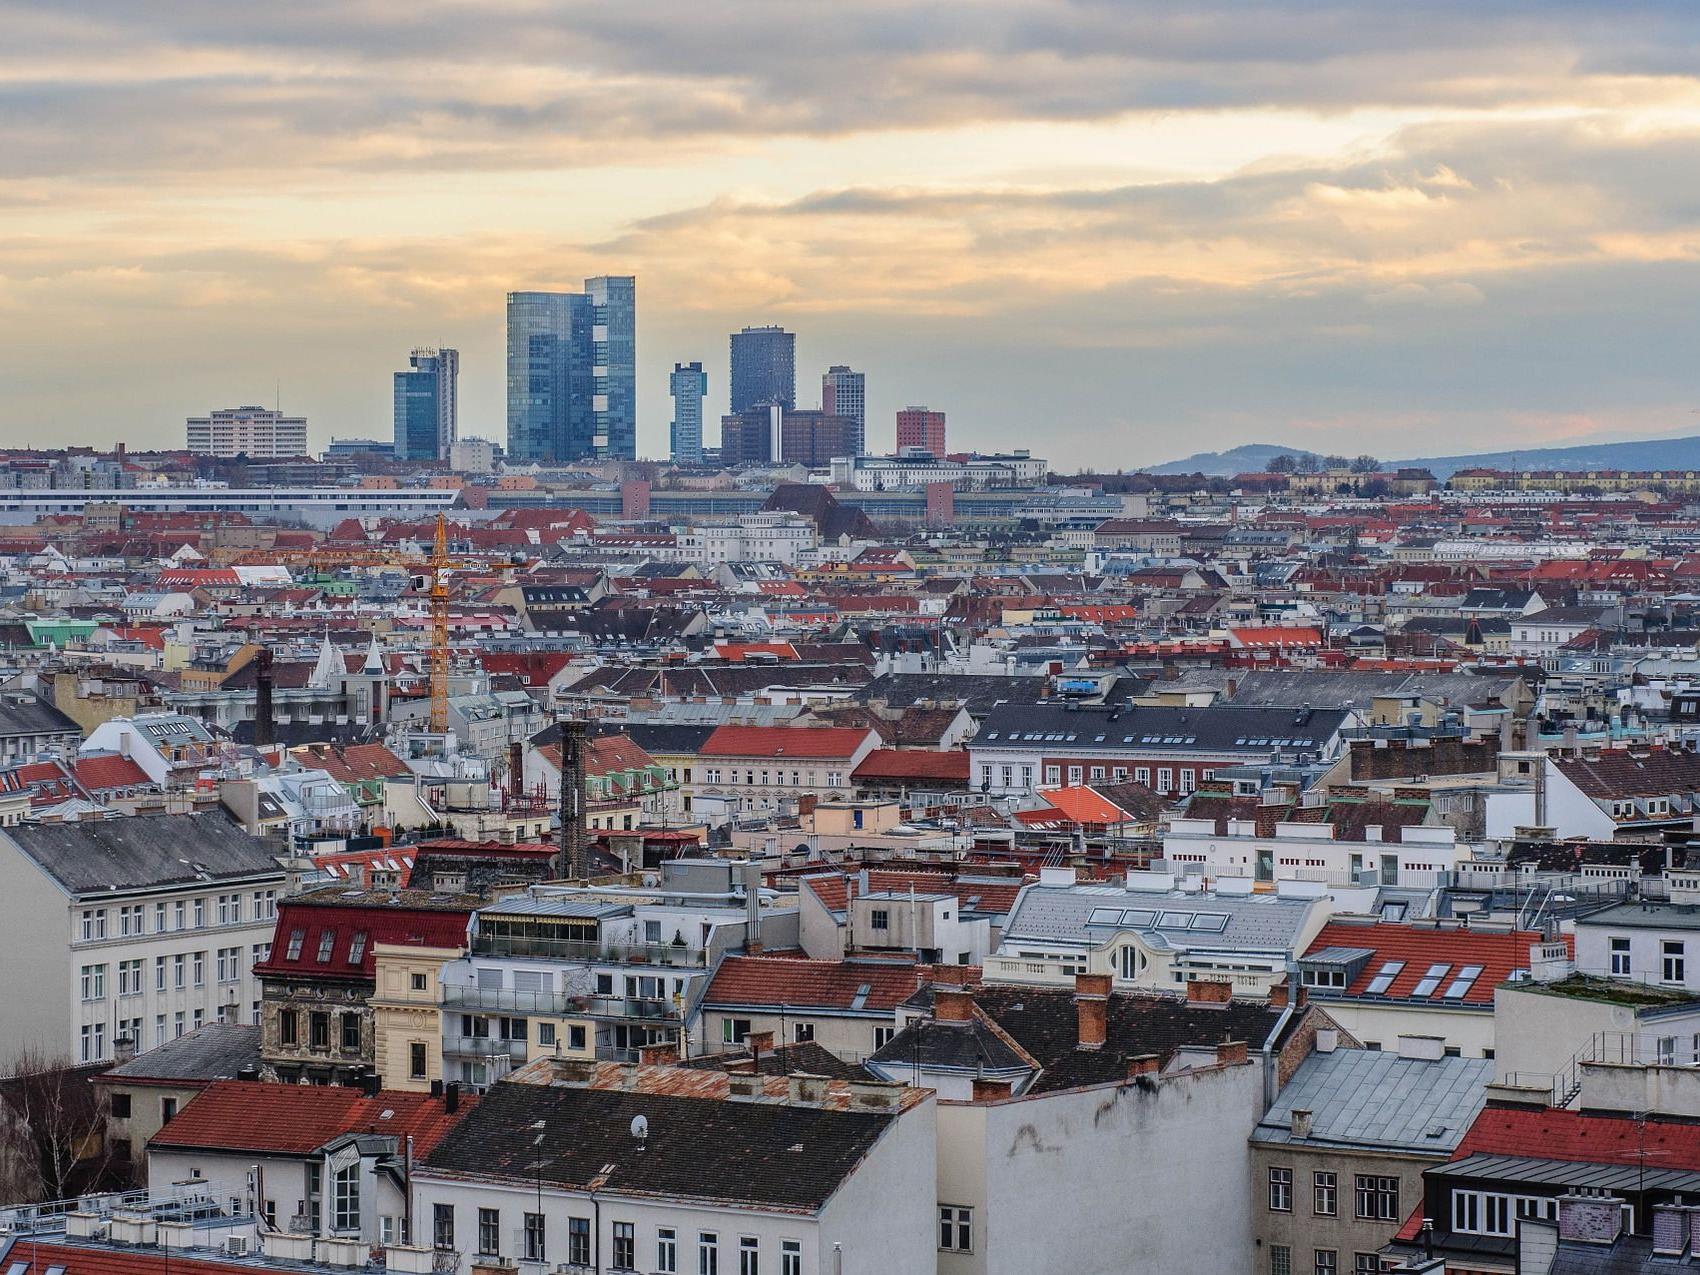 Wien bietet einiges, hier sind einige Ideen für 48 Stunden in der Metropole